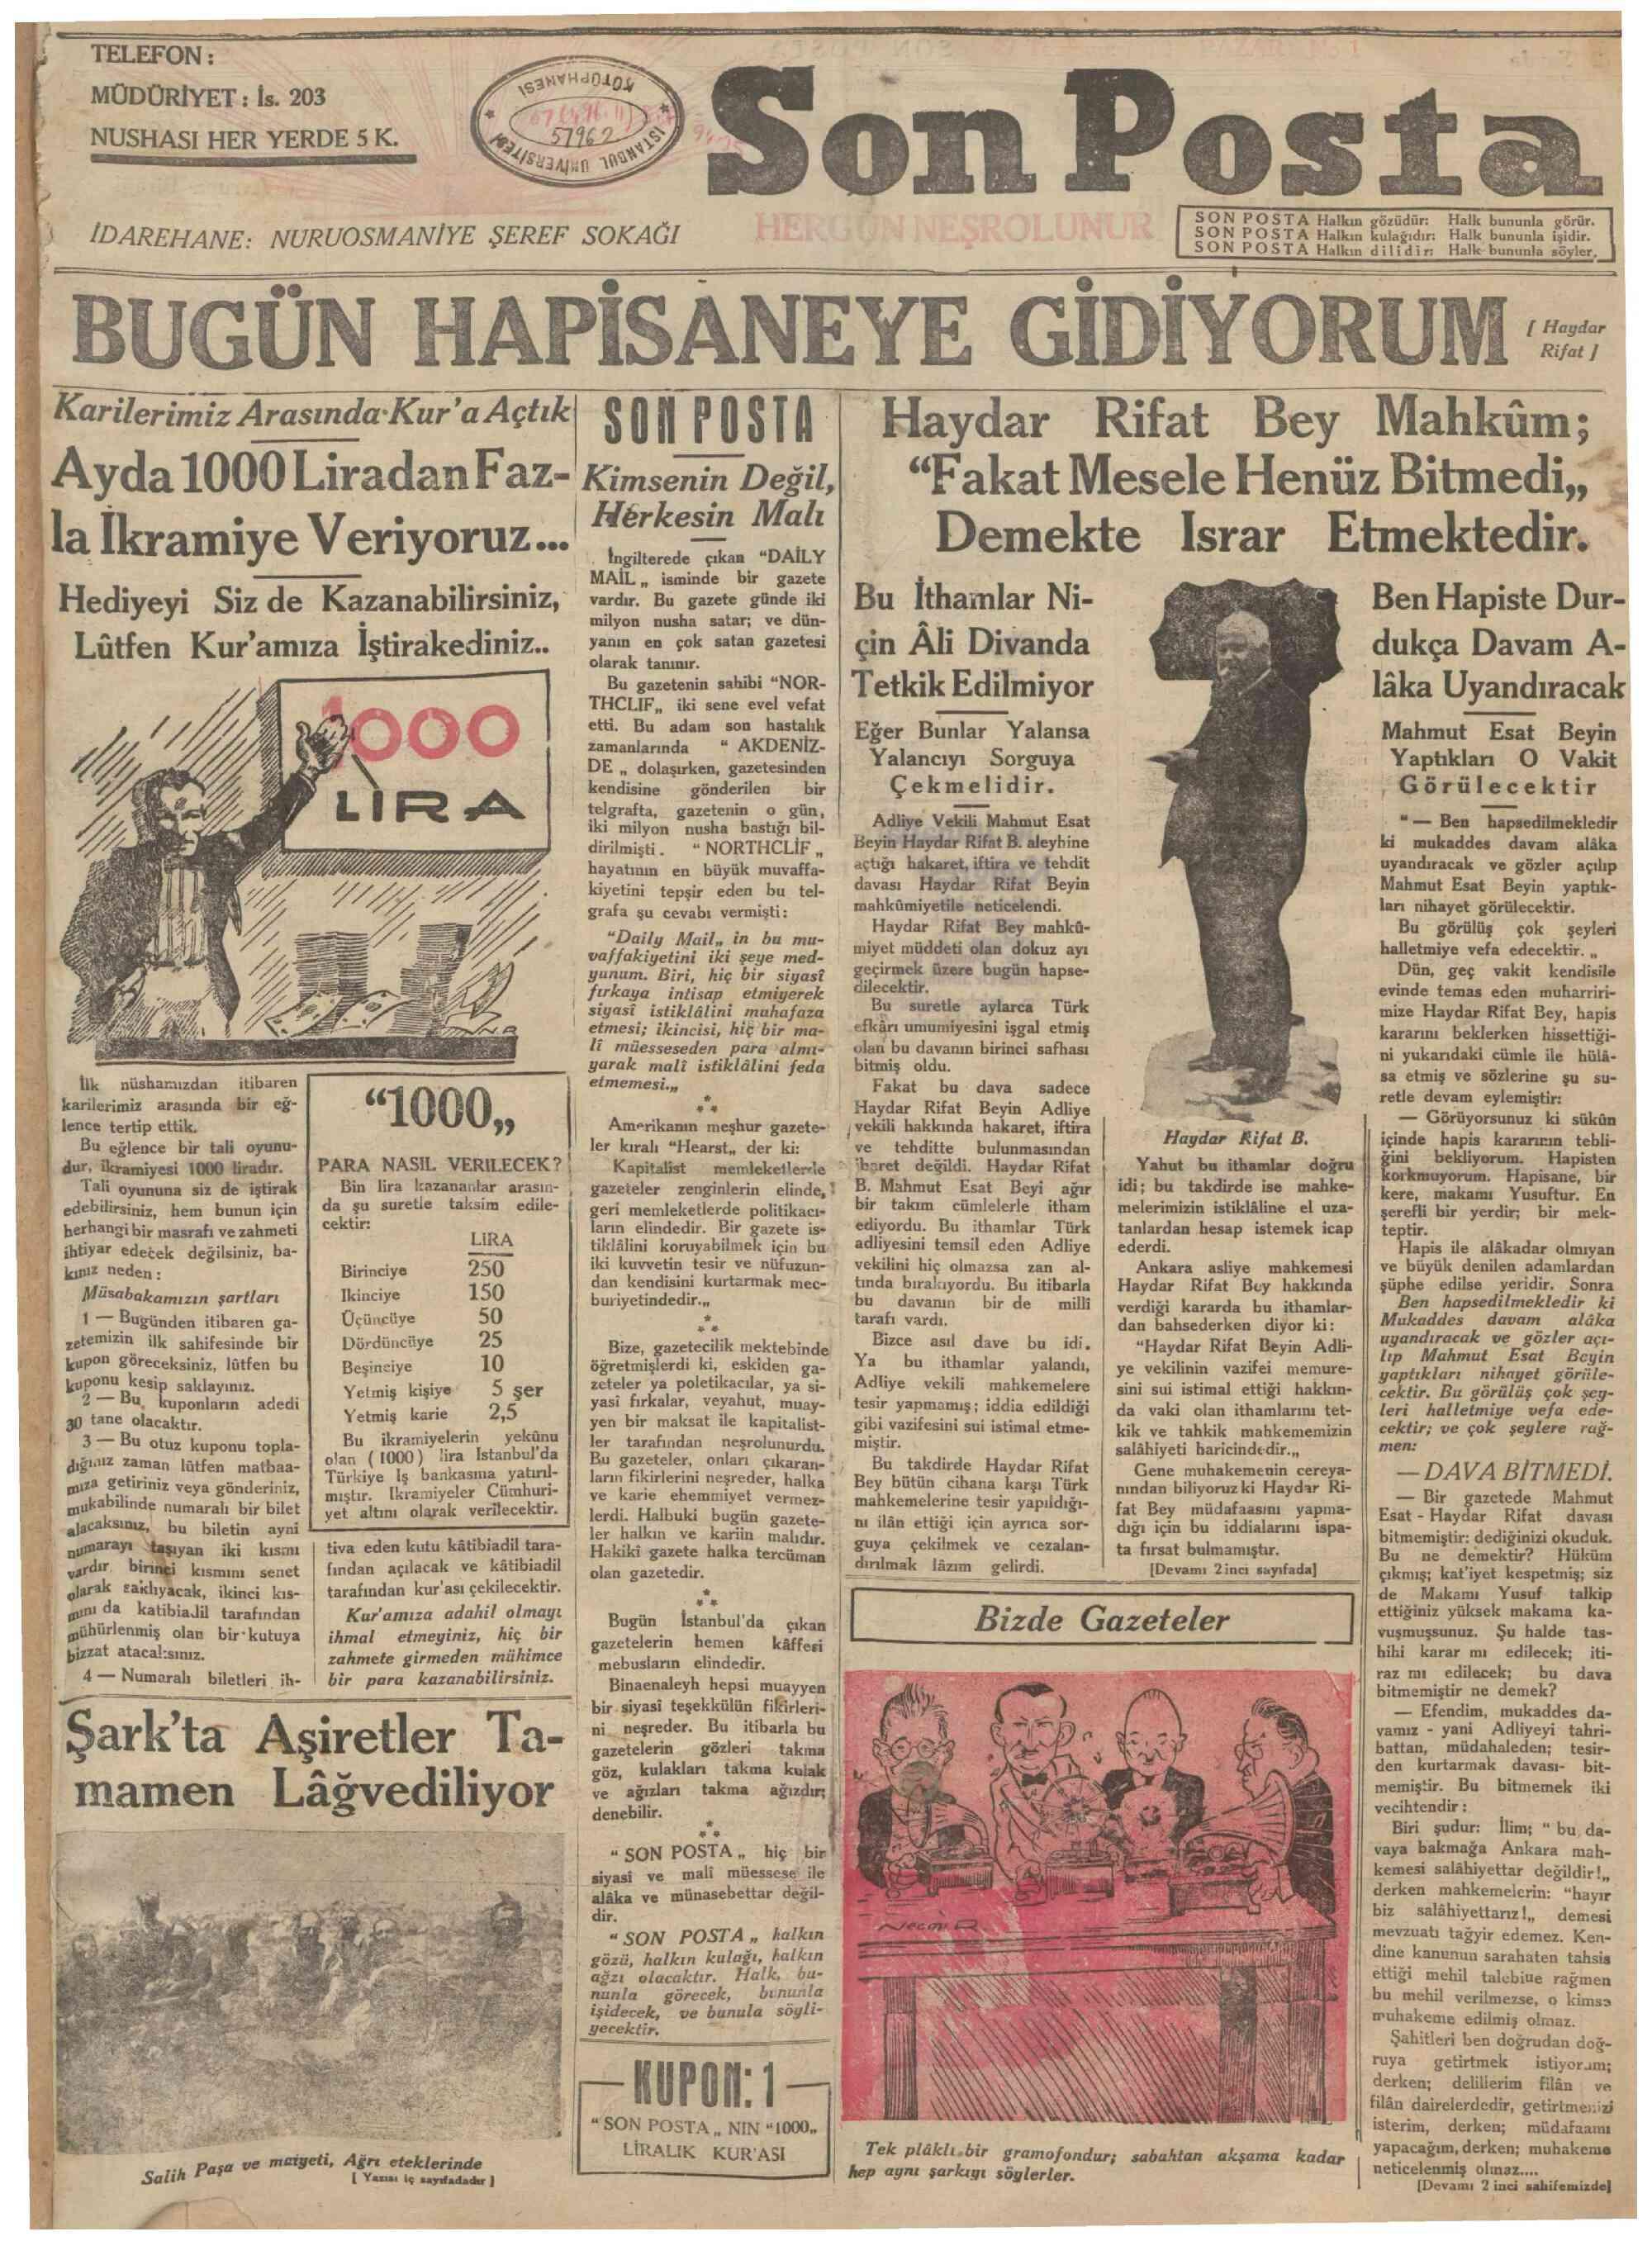 27 Temmuz 1930 Tarihli Son Posta Gazetesi Sayfa 1